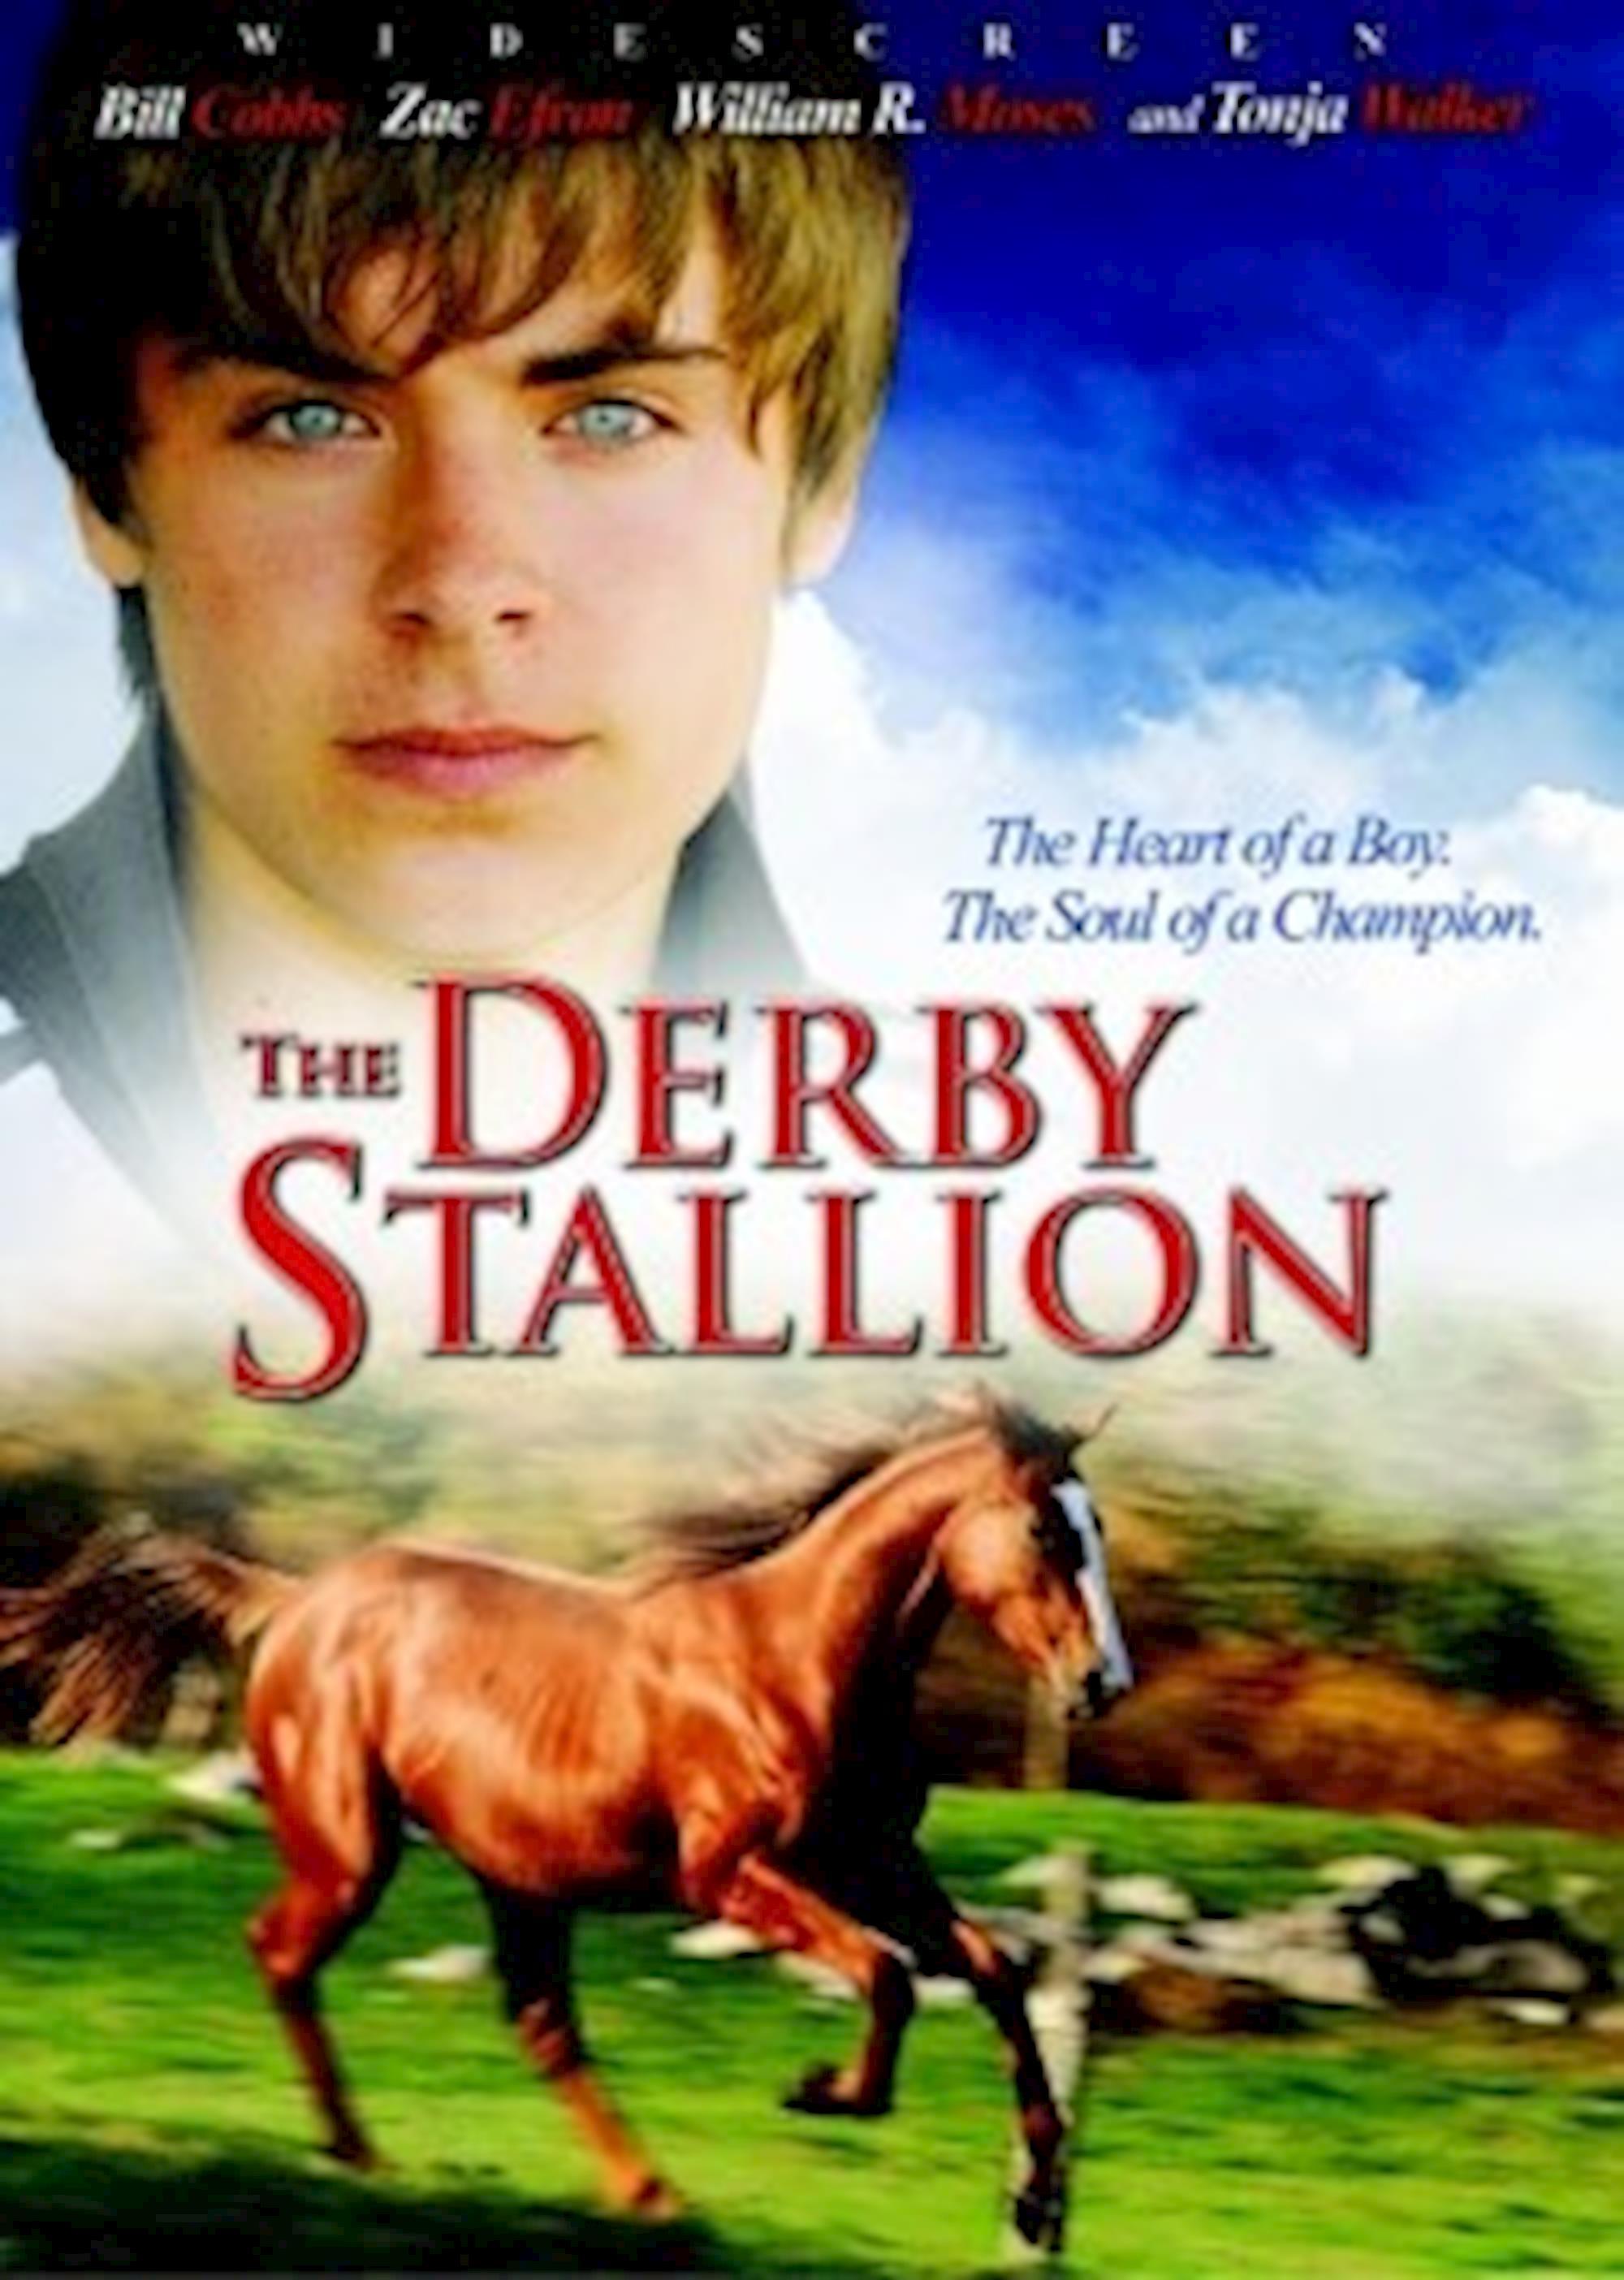 filmes de cavalos,dicas de filmes, The Derby Stallion,